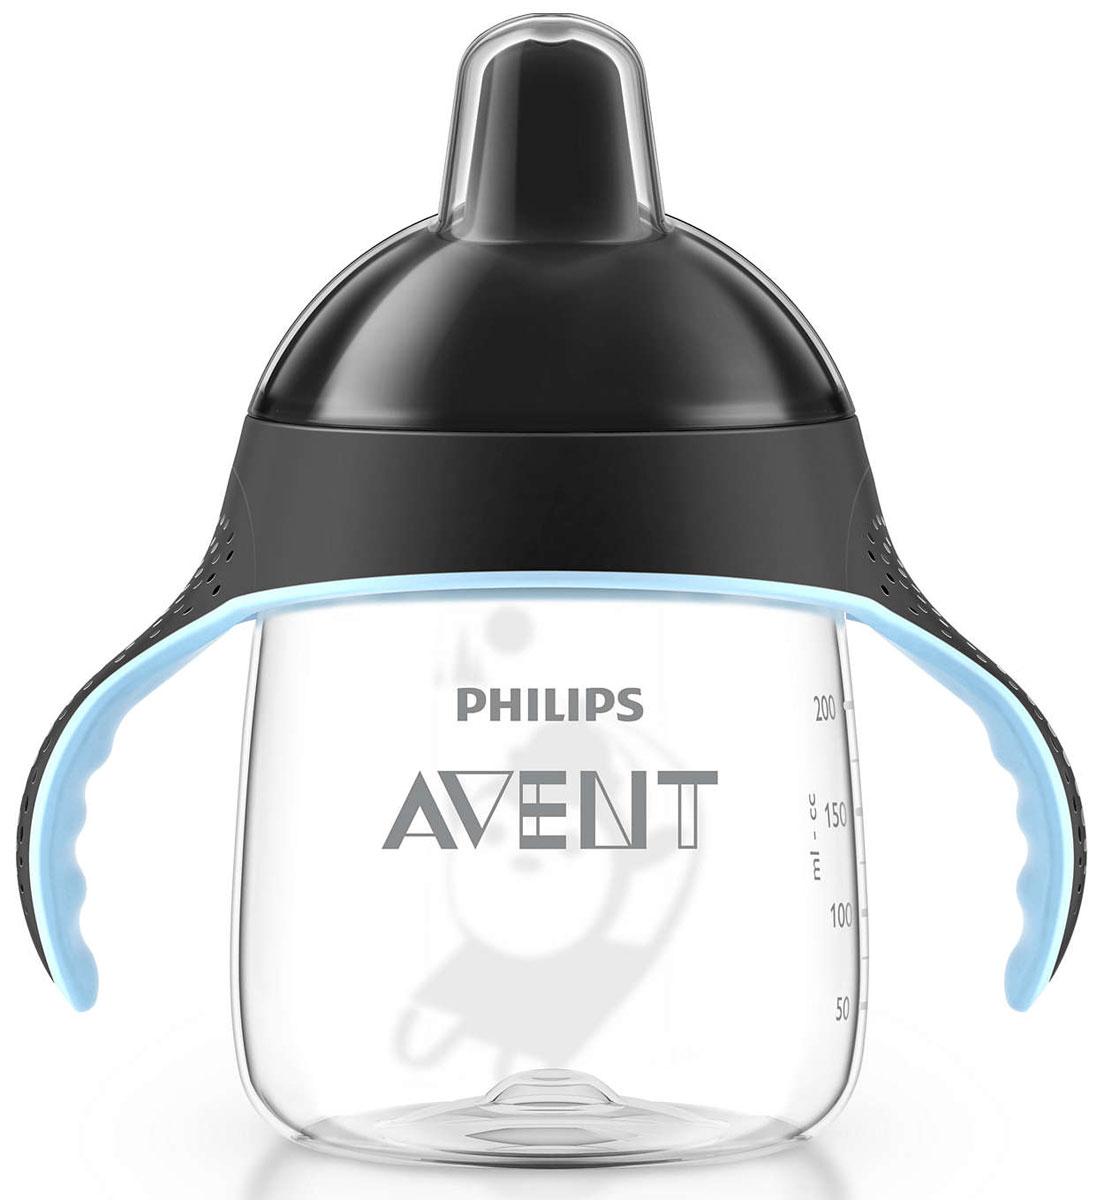 Philips Avent Волшебная чашка-непроливайка для детей от 12мес., черный SCF753/00